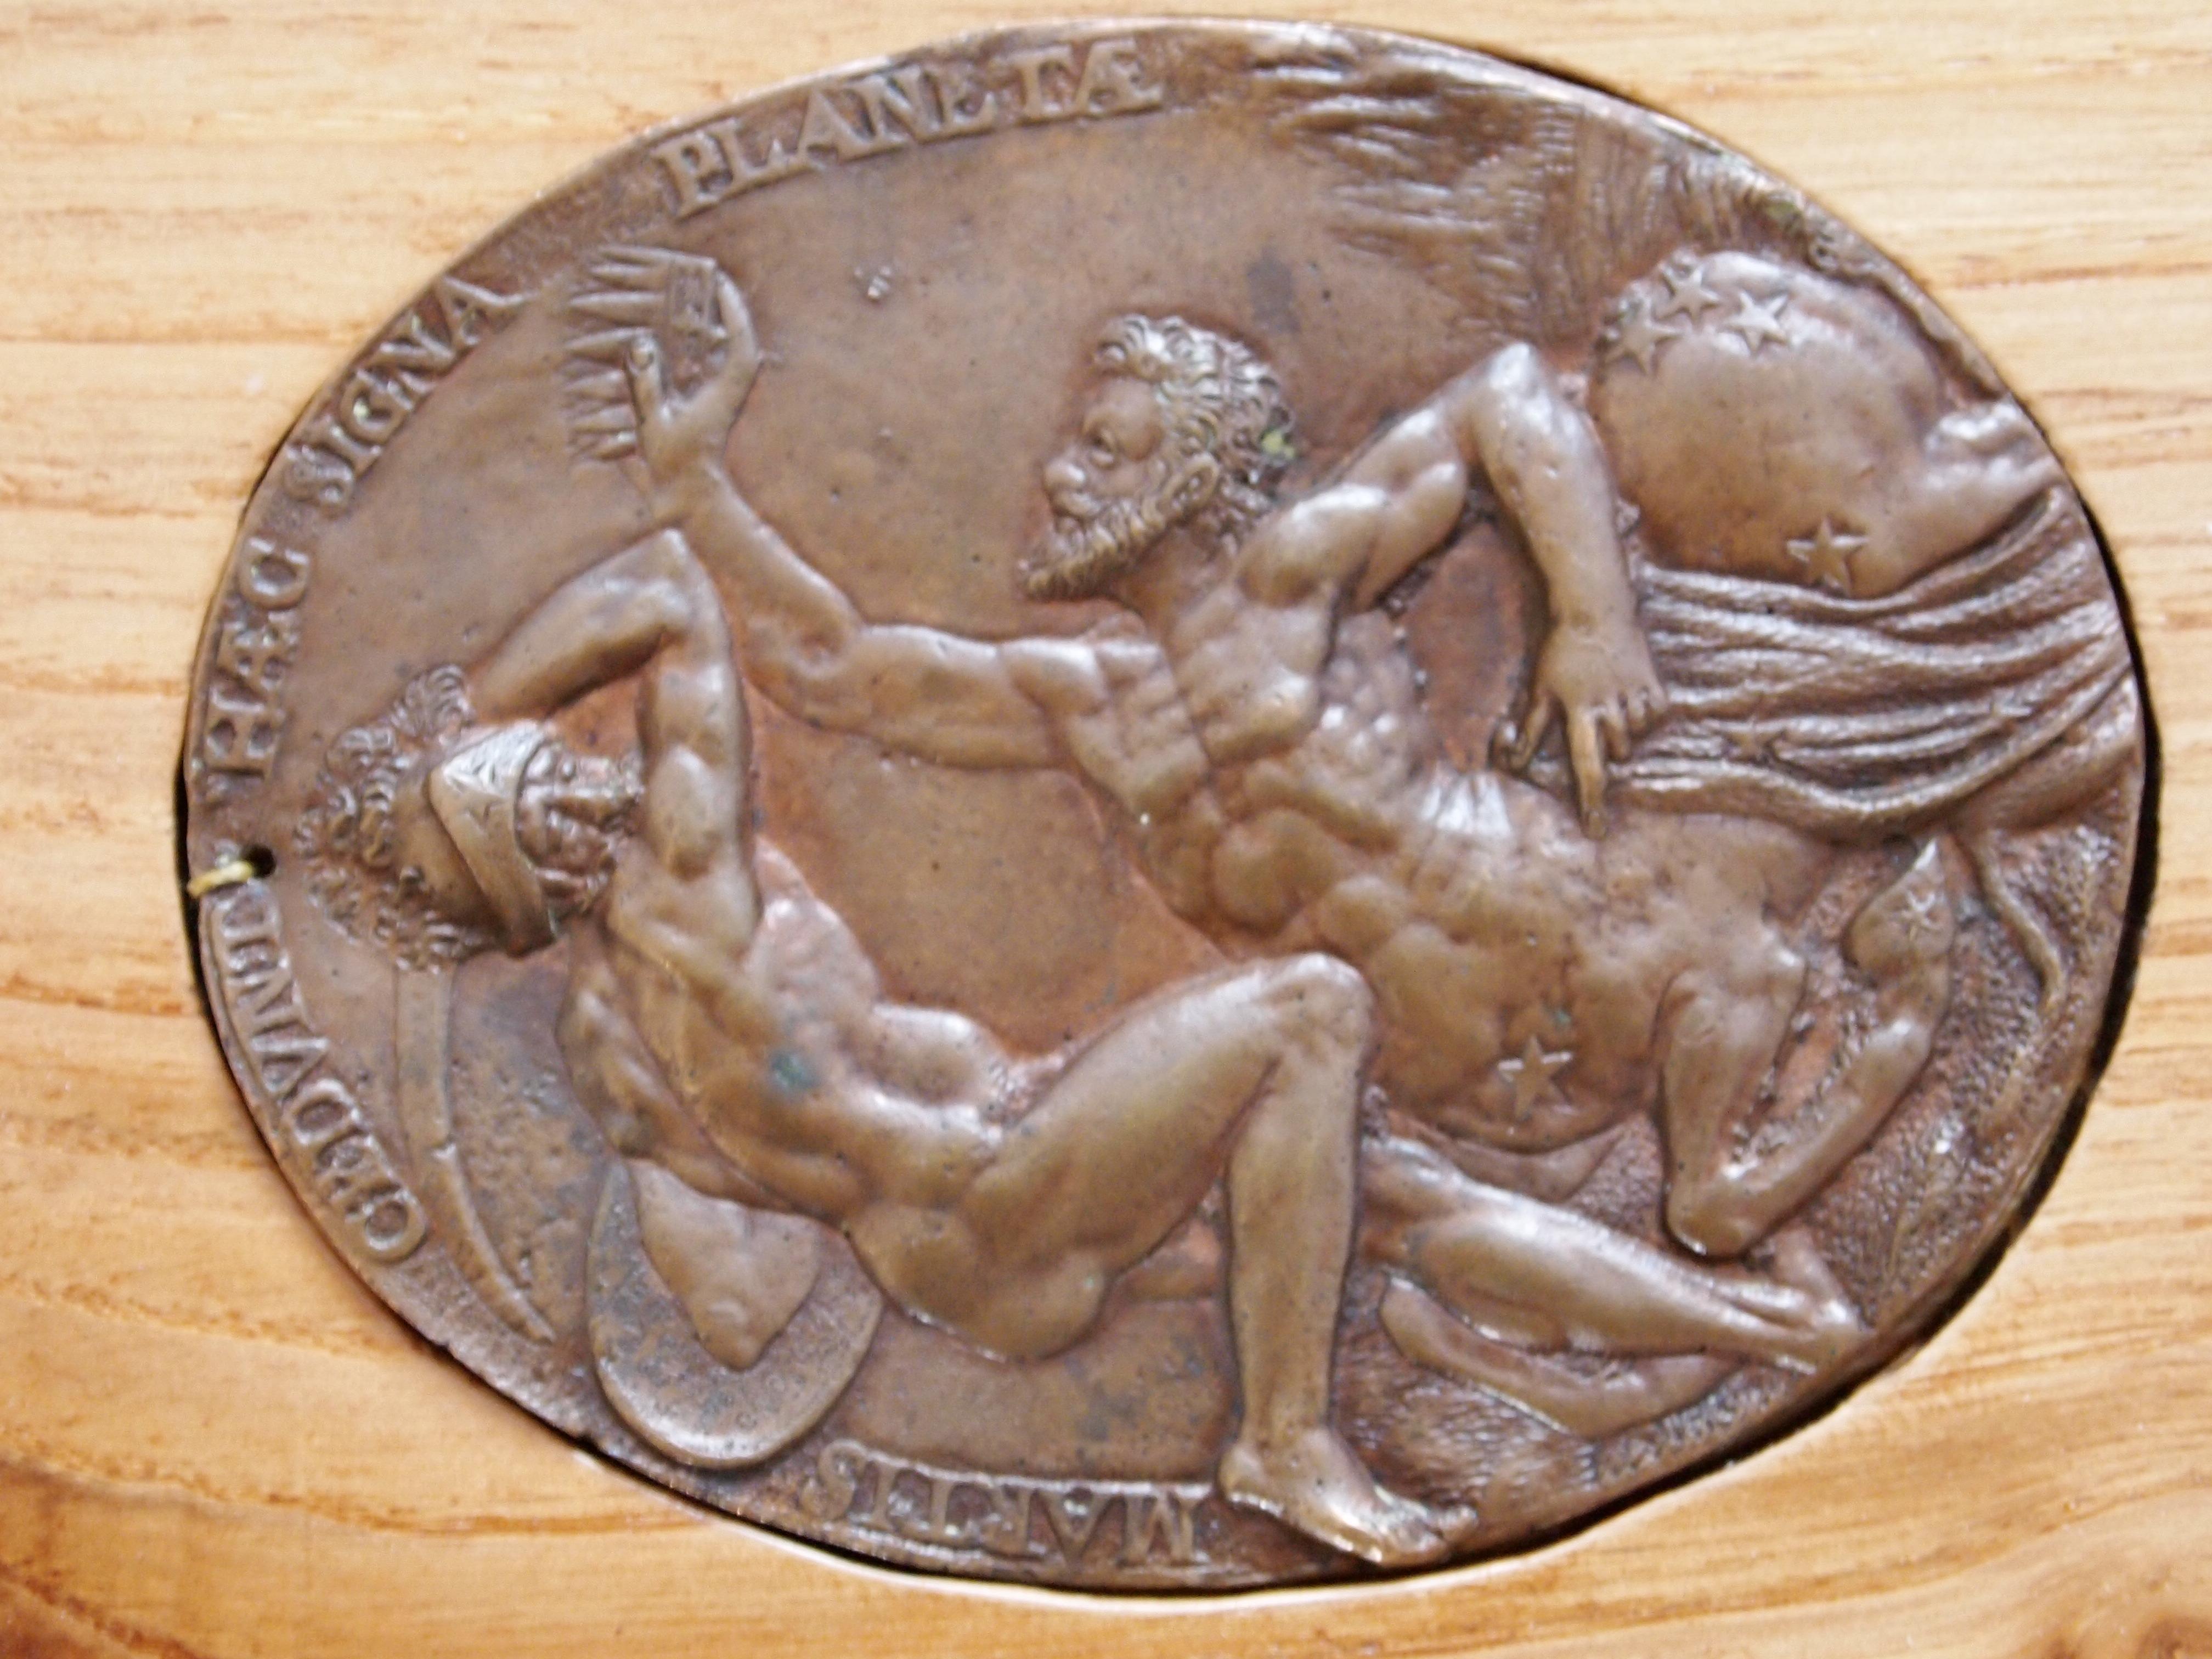 Médaille en argent commémorant la restitution du marquisat de Saluces par le duc de Savoie (Traité de Paris, 7 février 1600) par Guillaume Dupré